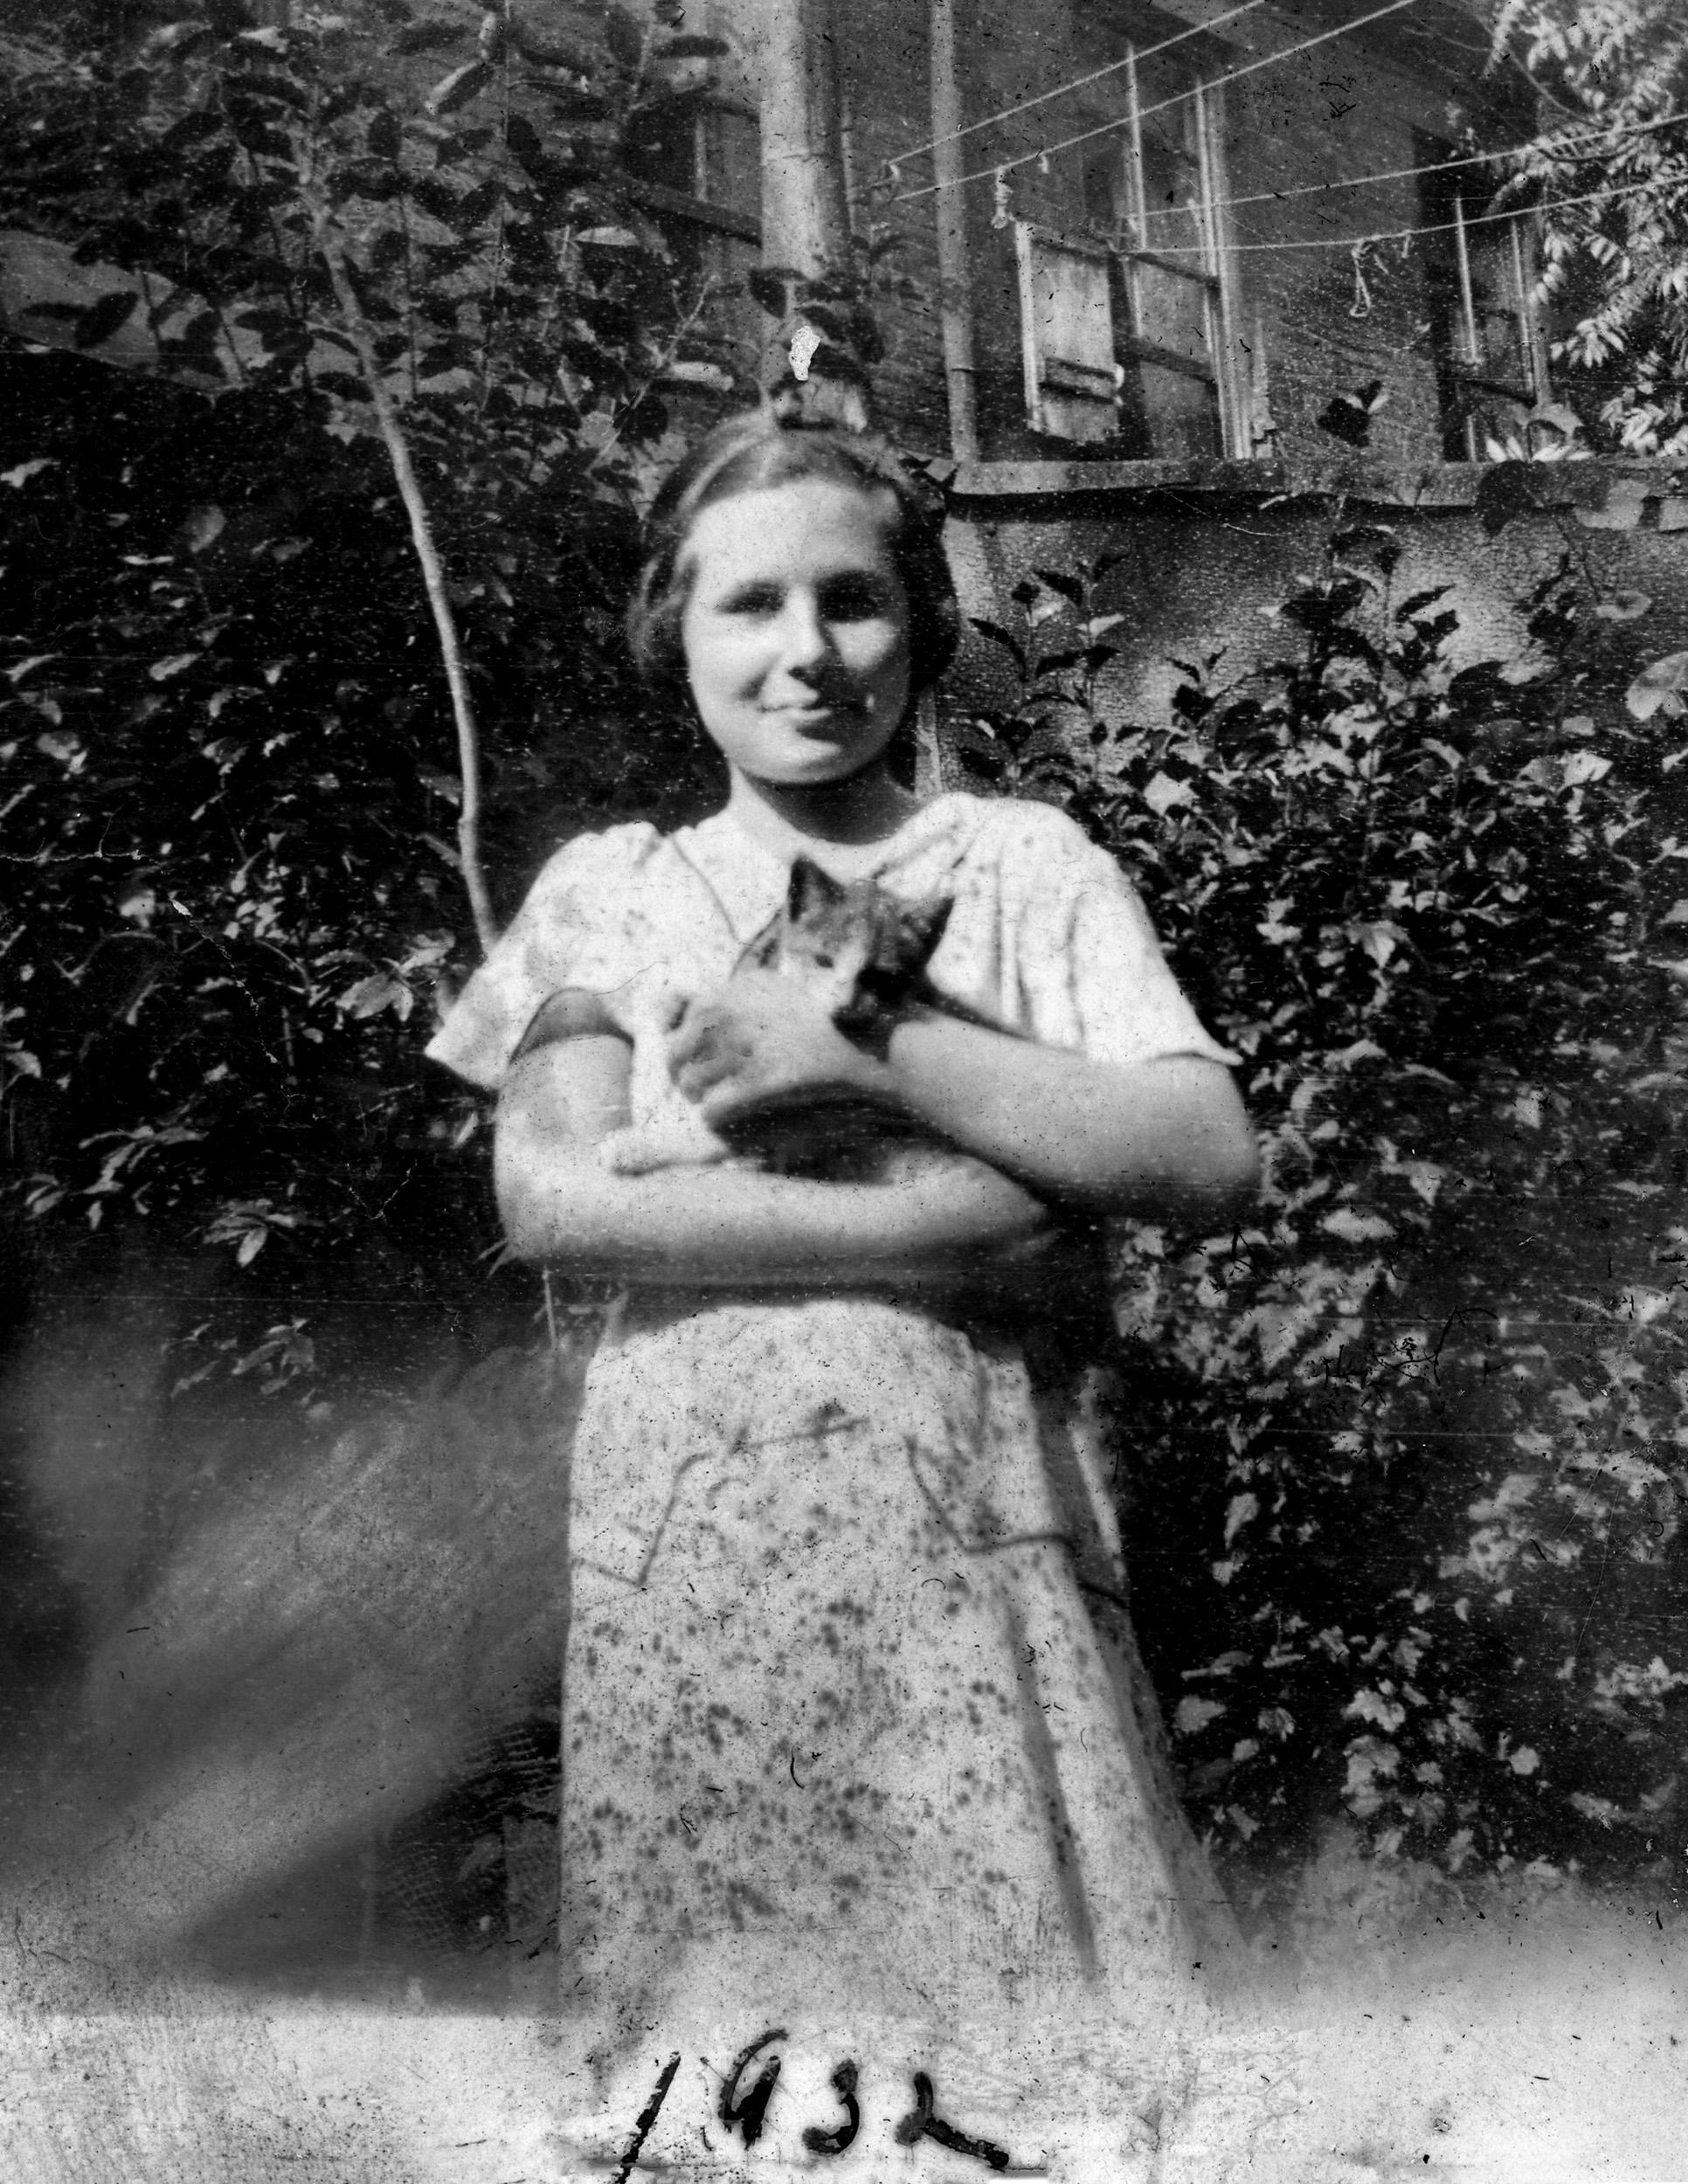 Jean in 1932